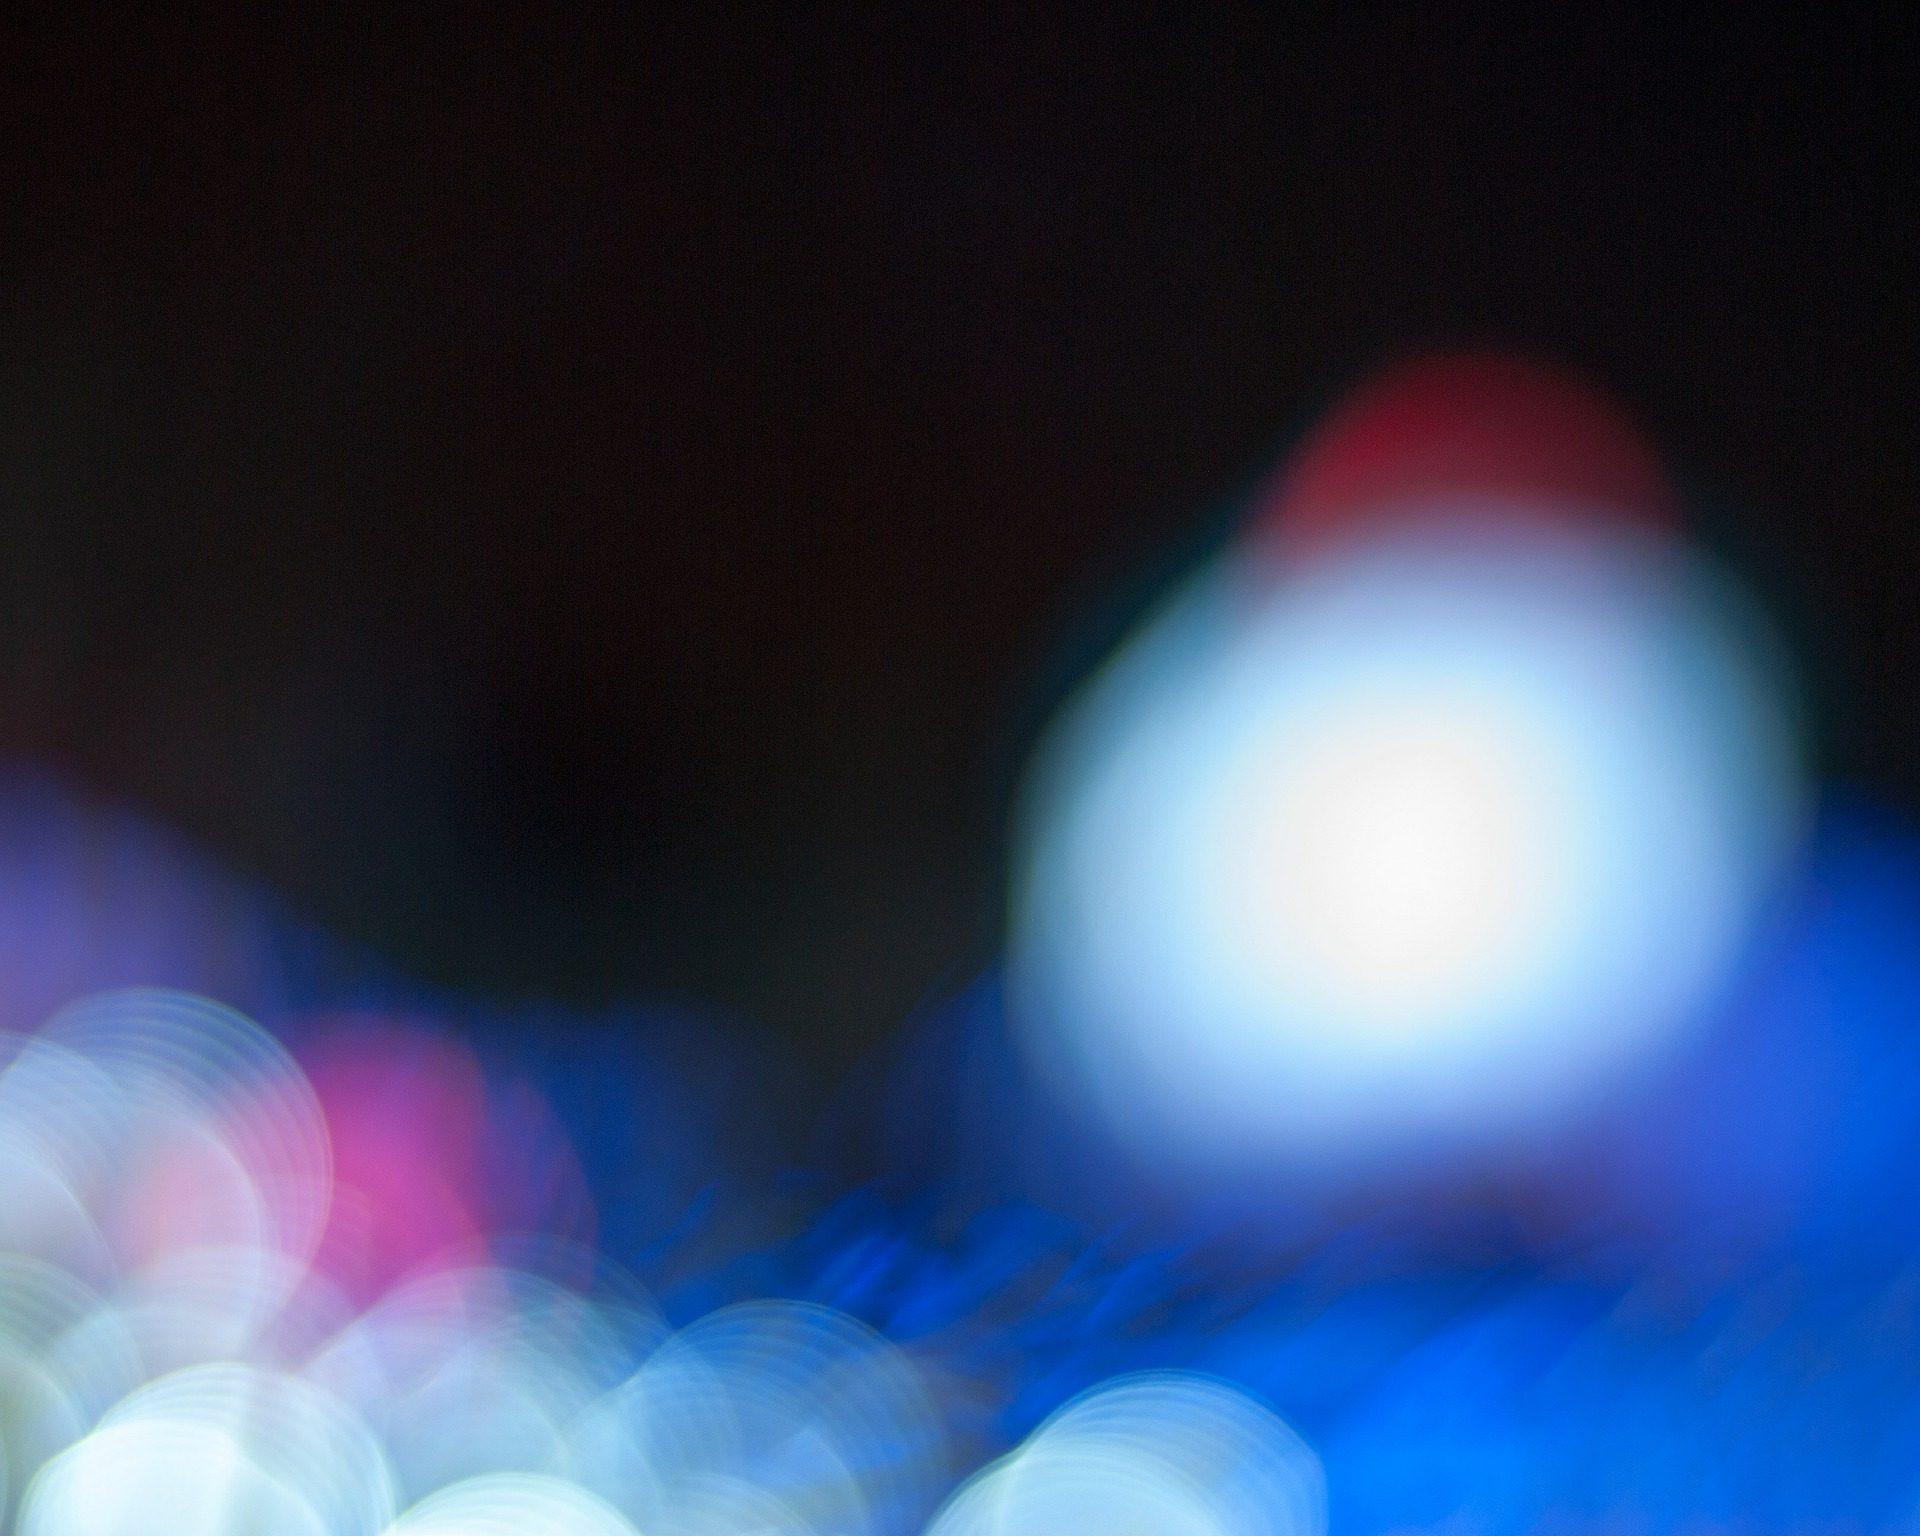 أضواء, هالات, أشكال, النقاط, التمويه, خوخة - خلفيات عالية الدقة - أستاذ falken.com